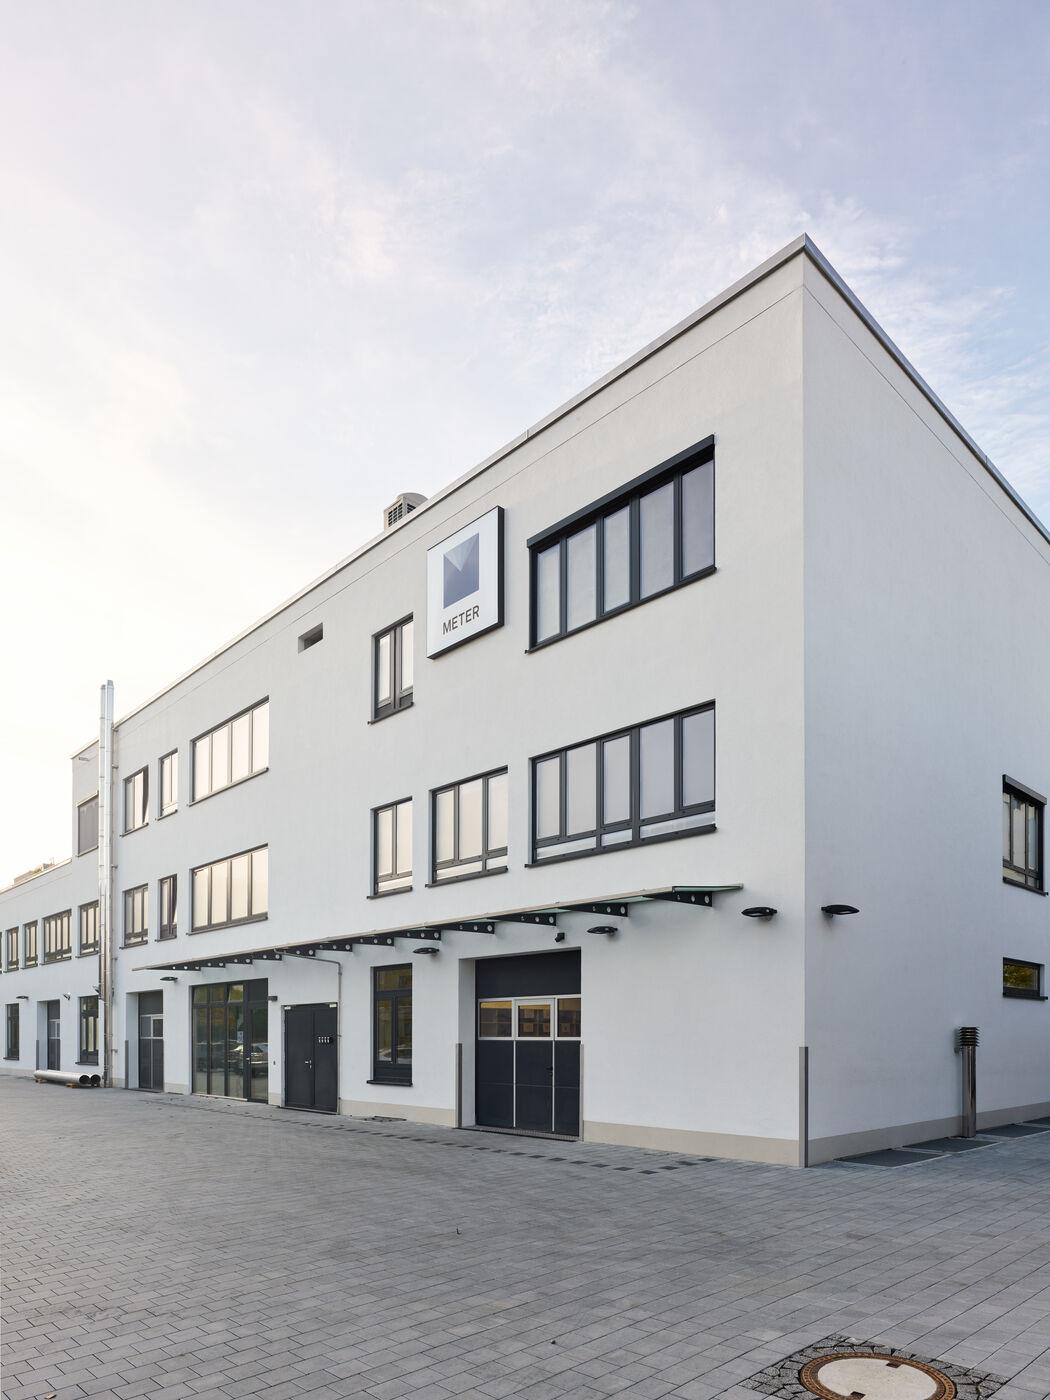 Management Assistenz (m/w/d) - Job München - KARRIERE - Application form